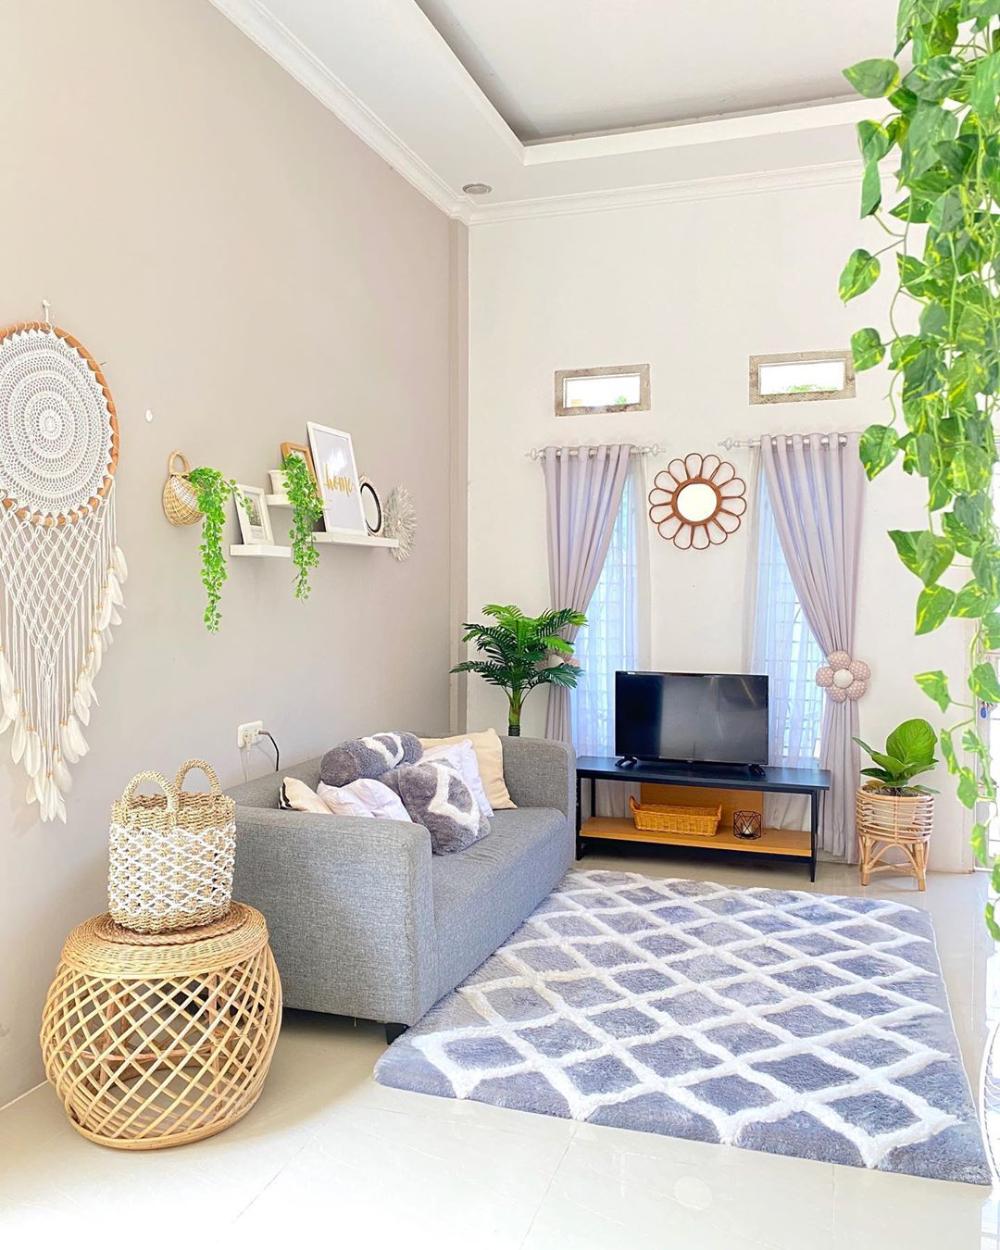 Warna  Cat  Tembok  Ruang Tamu Yang  Bagus  Warna  Coklat